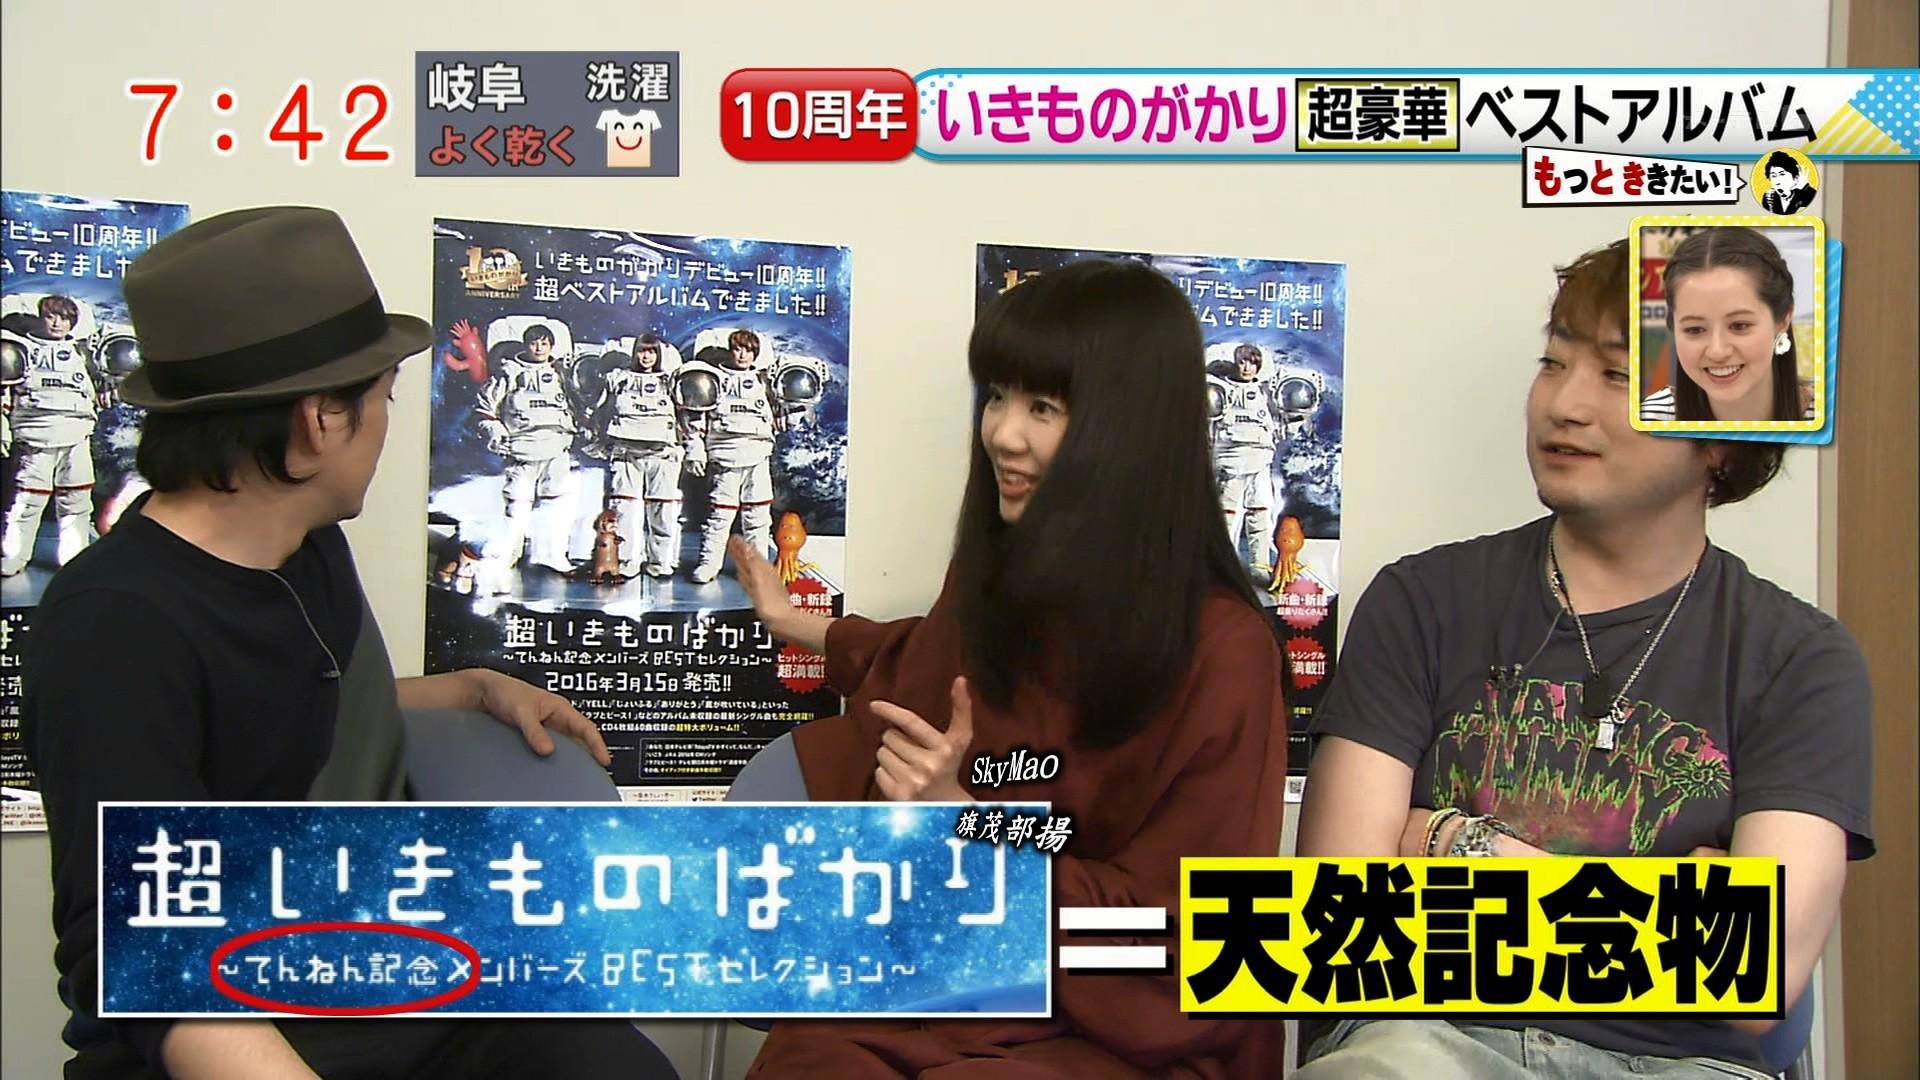 2016.03.28 いきものがかり(ドデスカ!).ts_20160328_134612.361